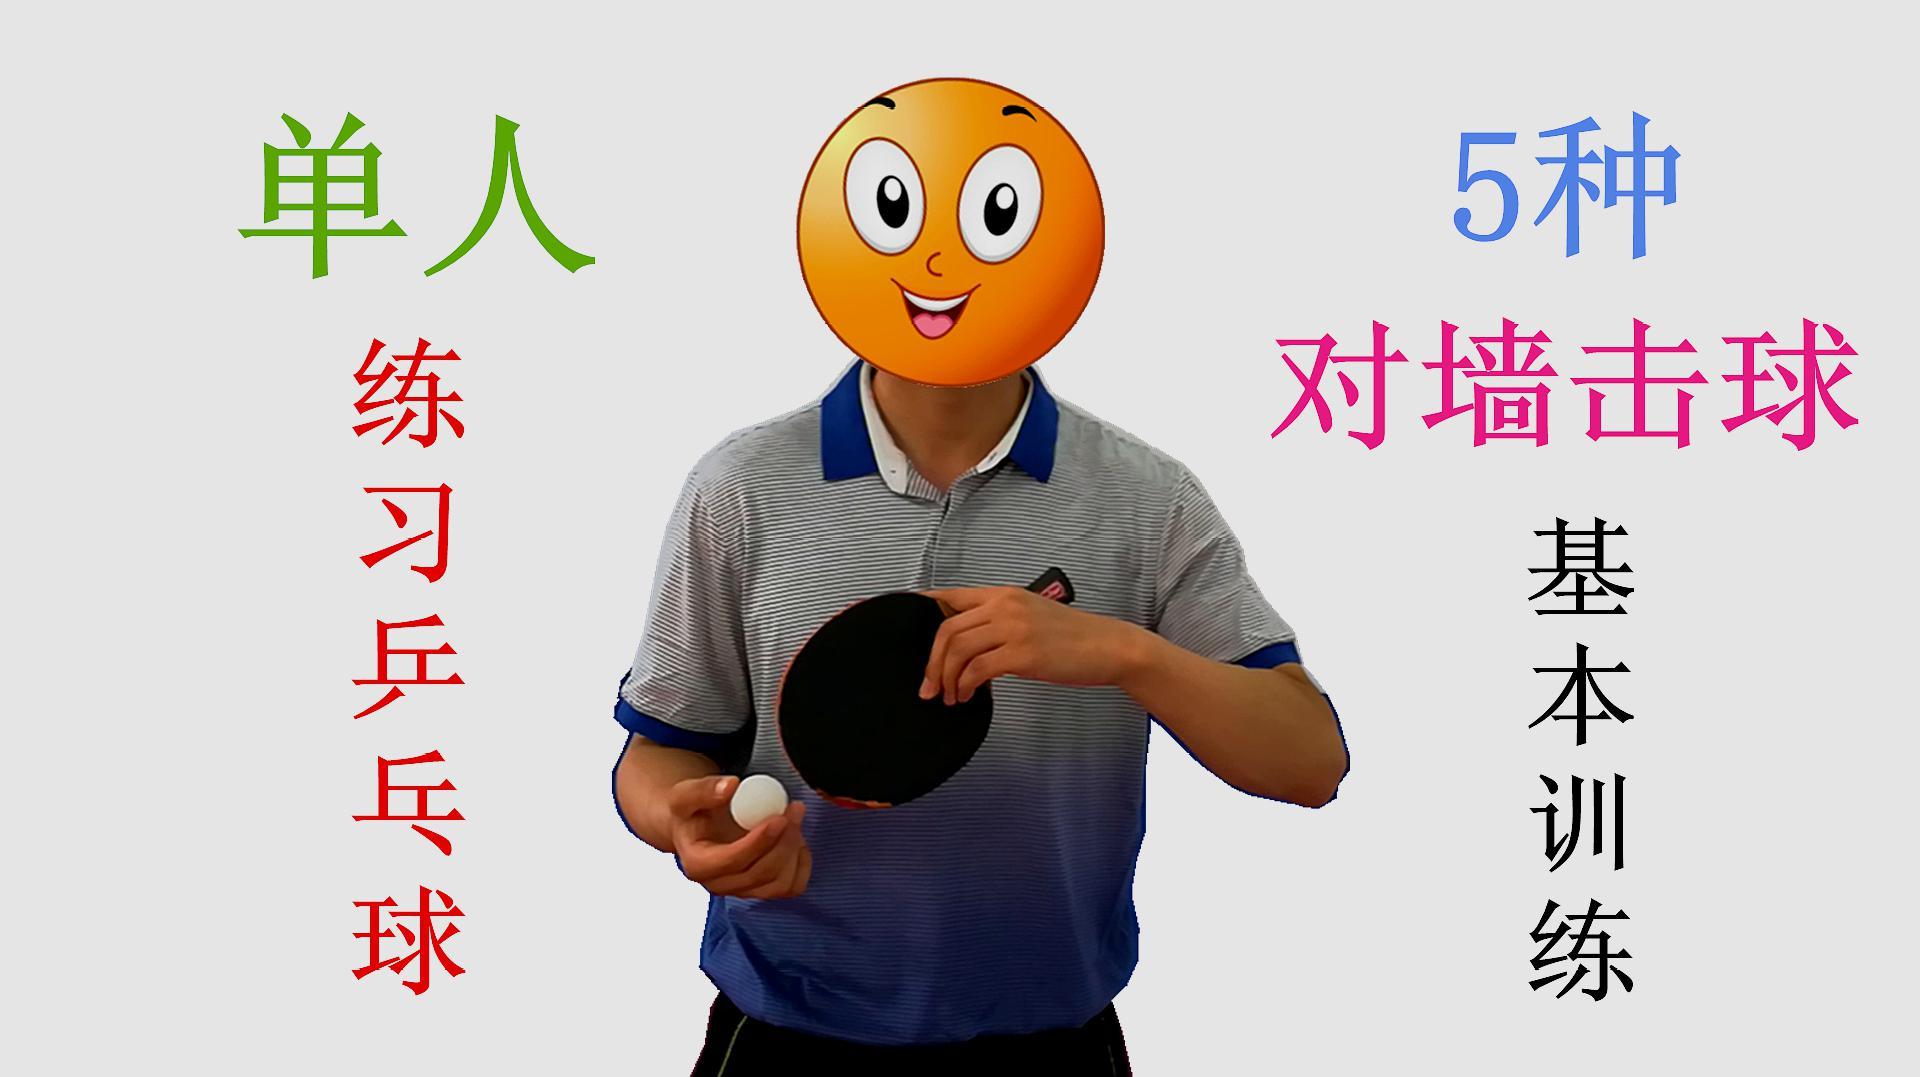 单人练习乒乓球-5种对墙击球基本训练方法